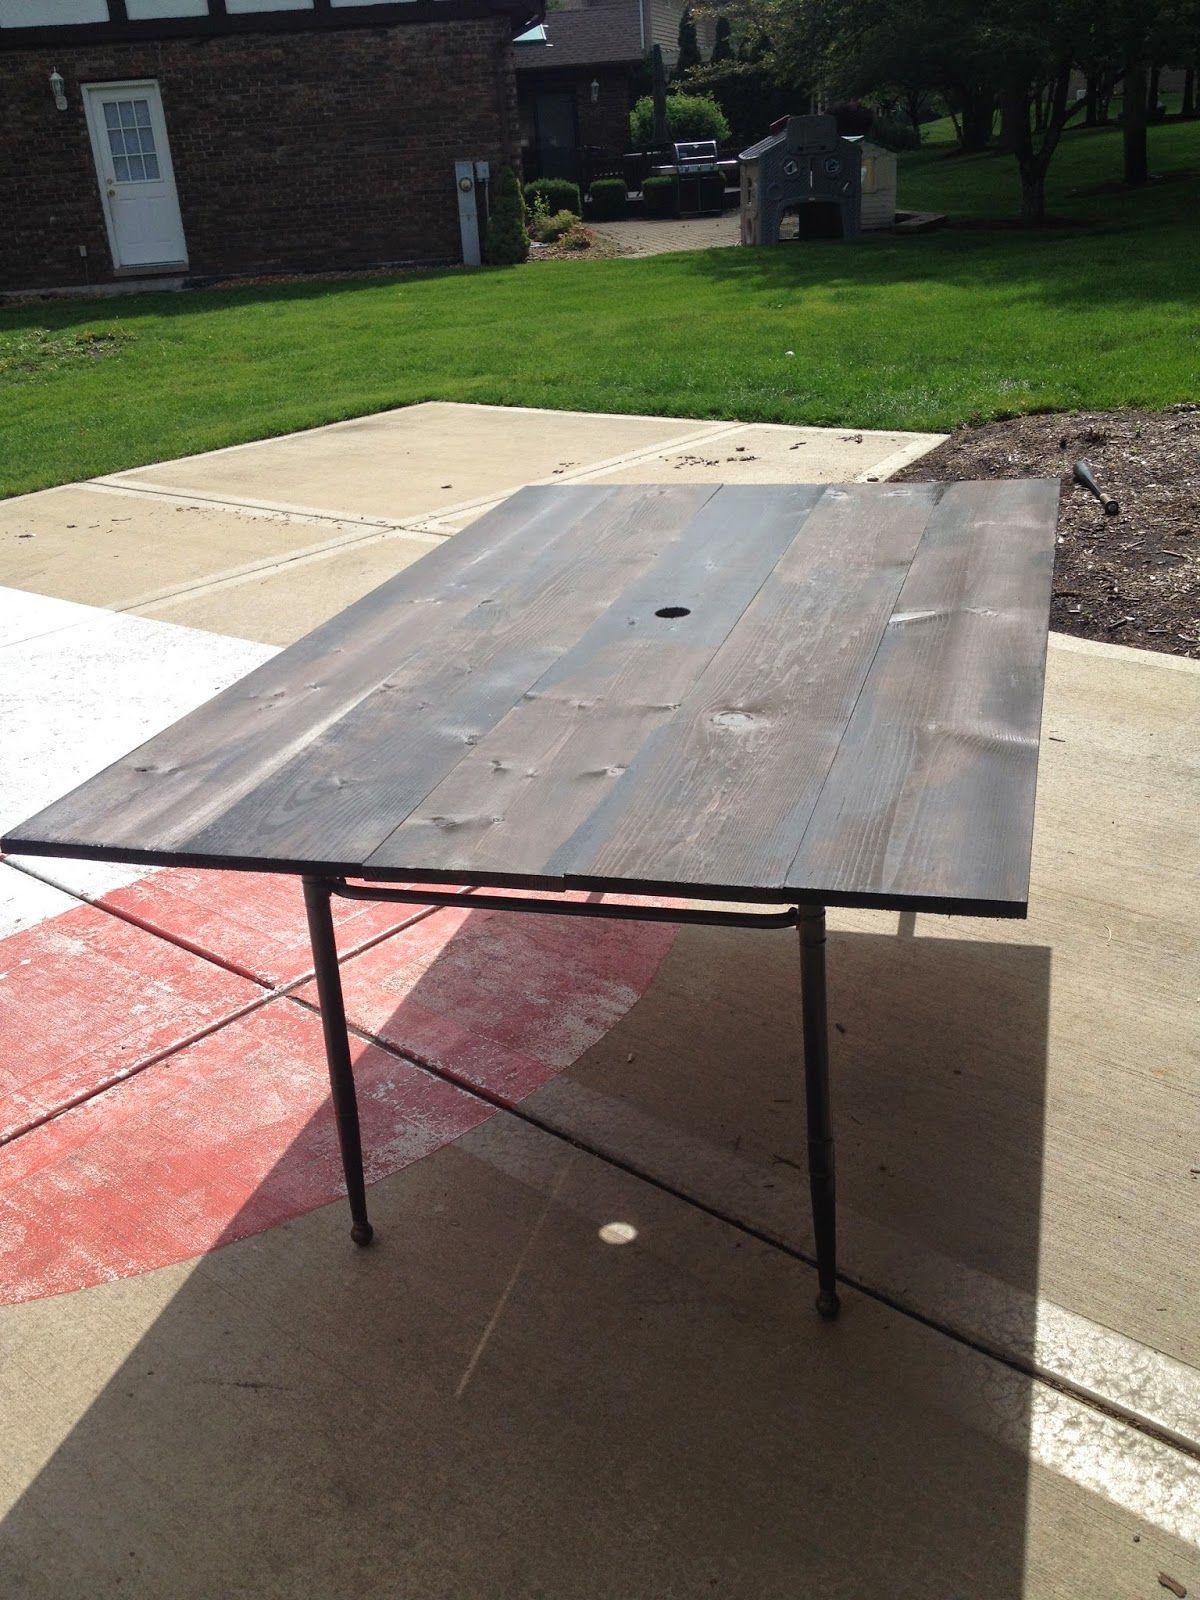 Collected Society Diy Patio Table Patio Table Top Diy Patio